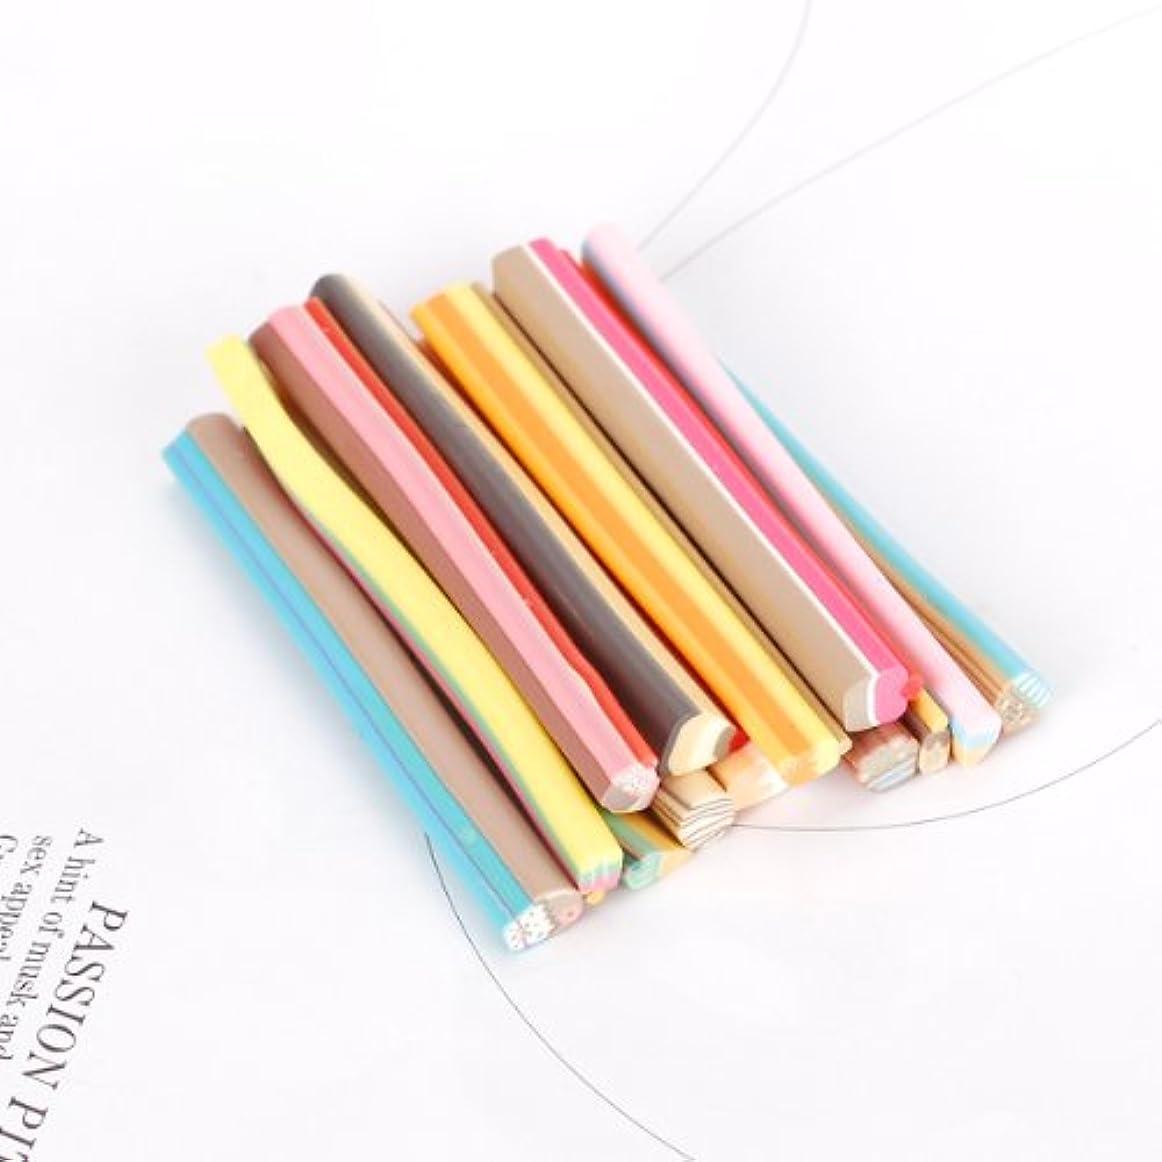 対応する五月考えた14本セット スライス棒 ネイルフルーツ棒 ネイルパーツ 樹脂粘土 カット ネイル デコ用